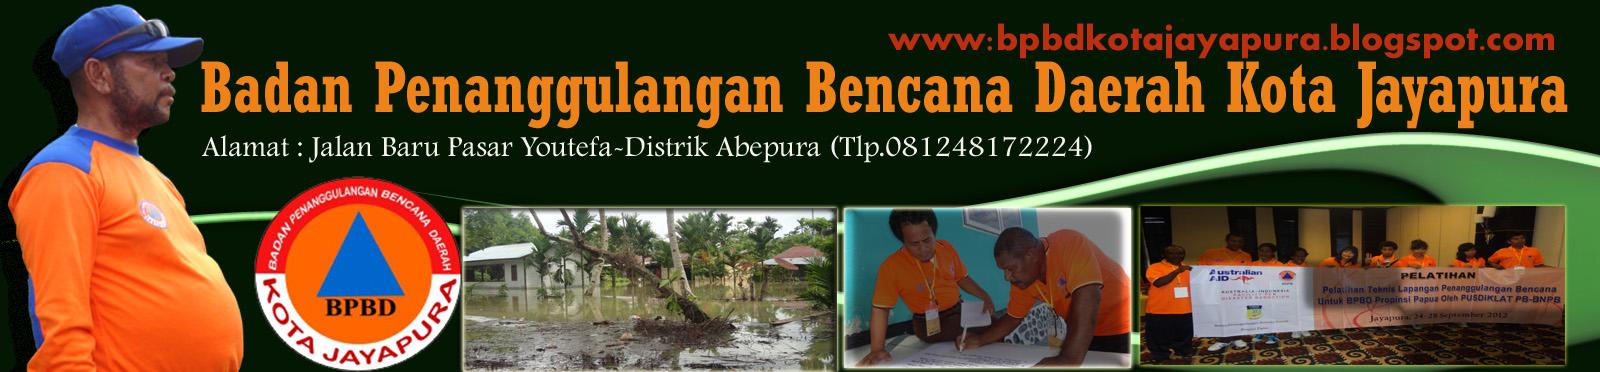 Badan Penanggulangan Bencana Daerah Kota Jayapura